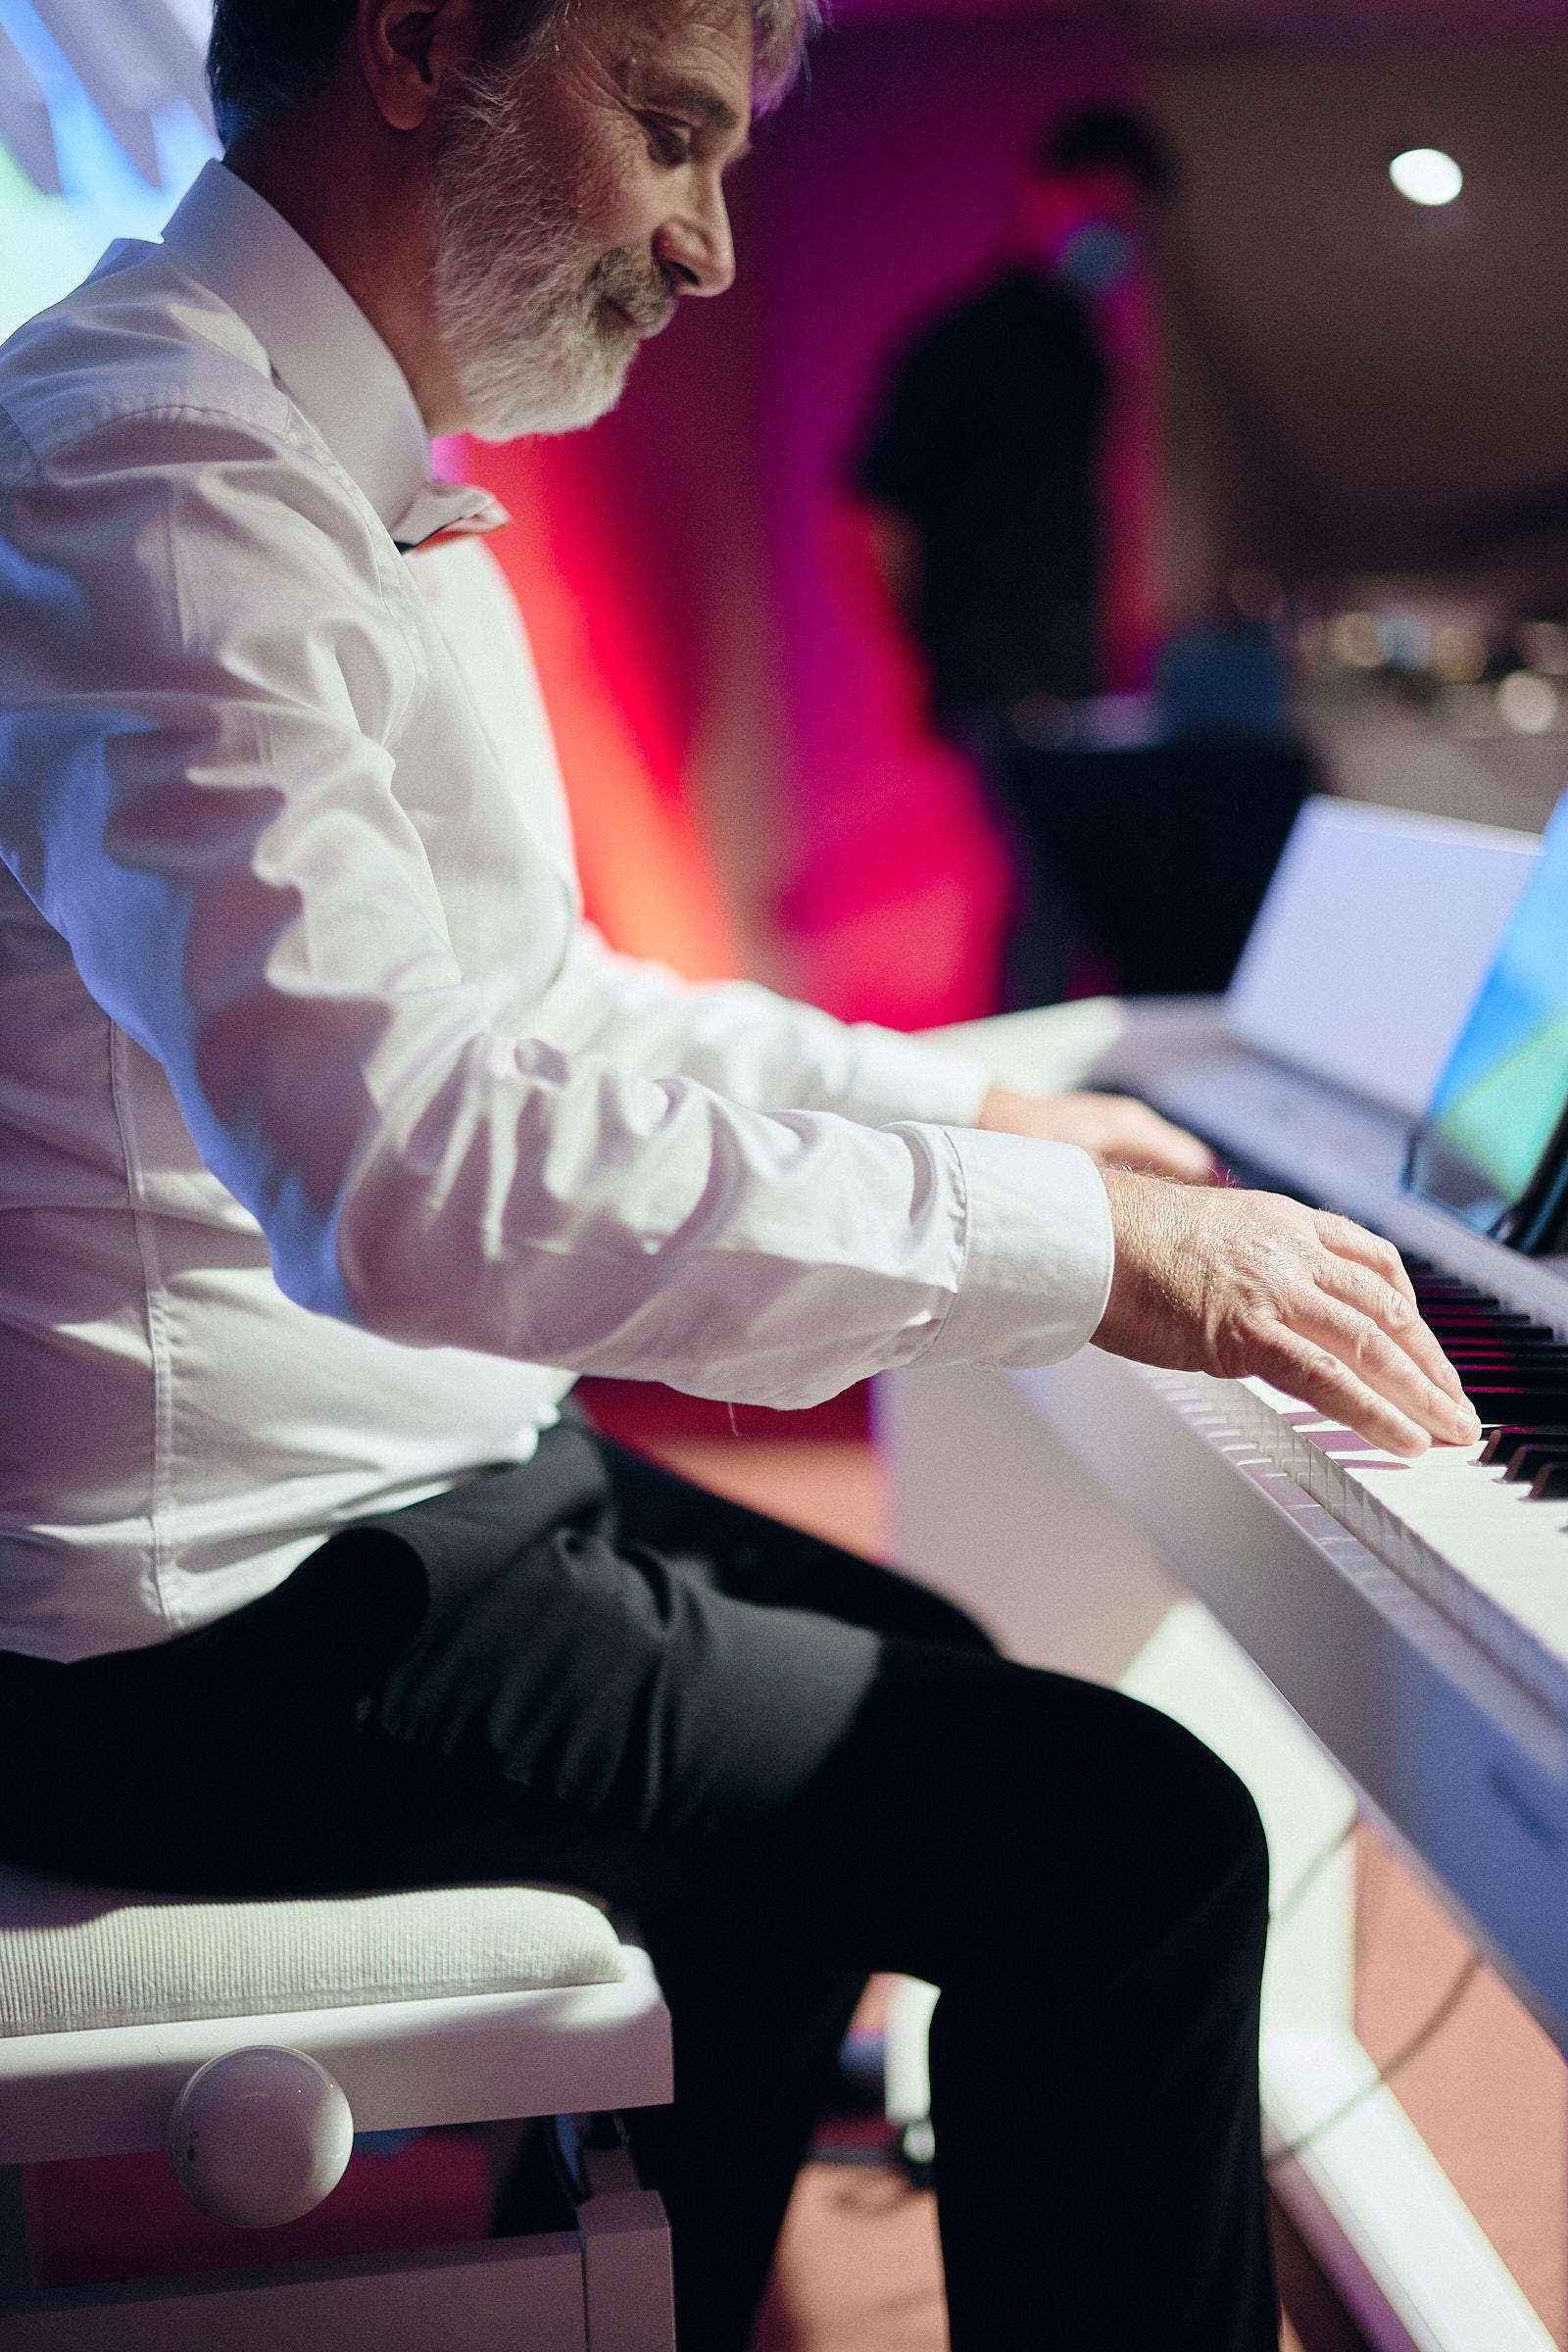 le pere de la mariee jouent du clavier pour les maries